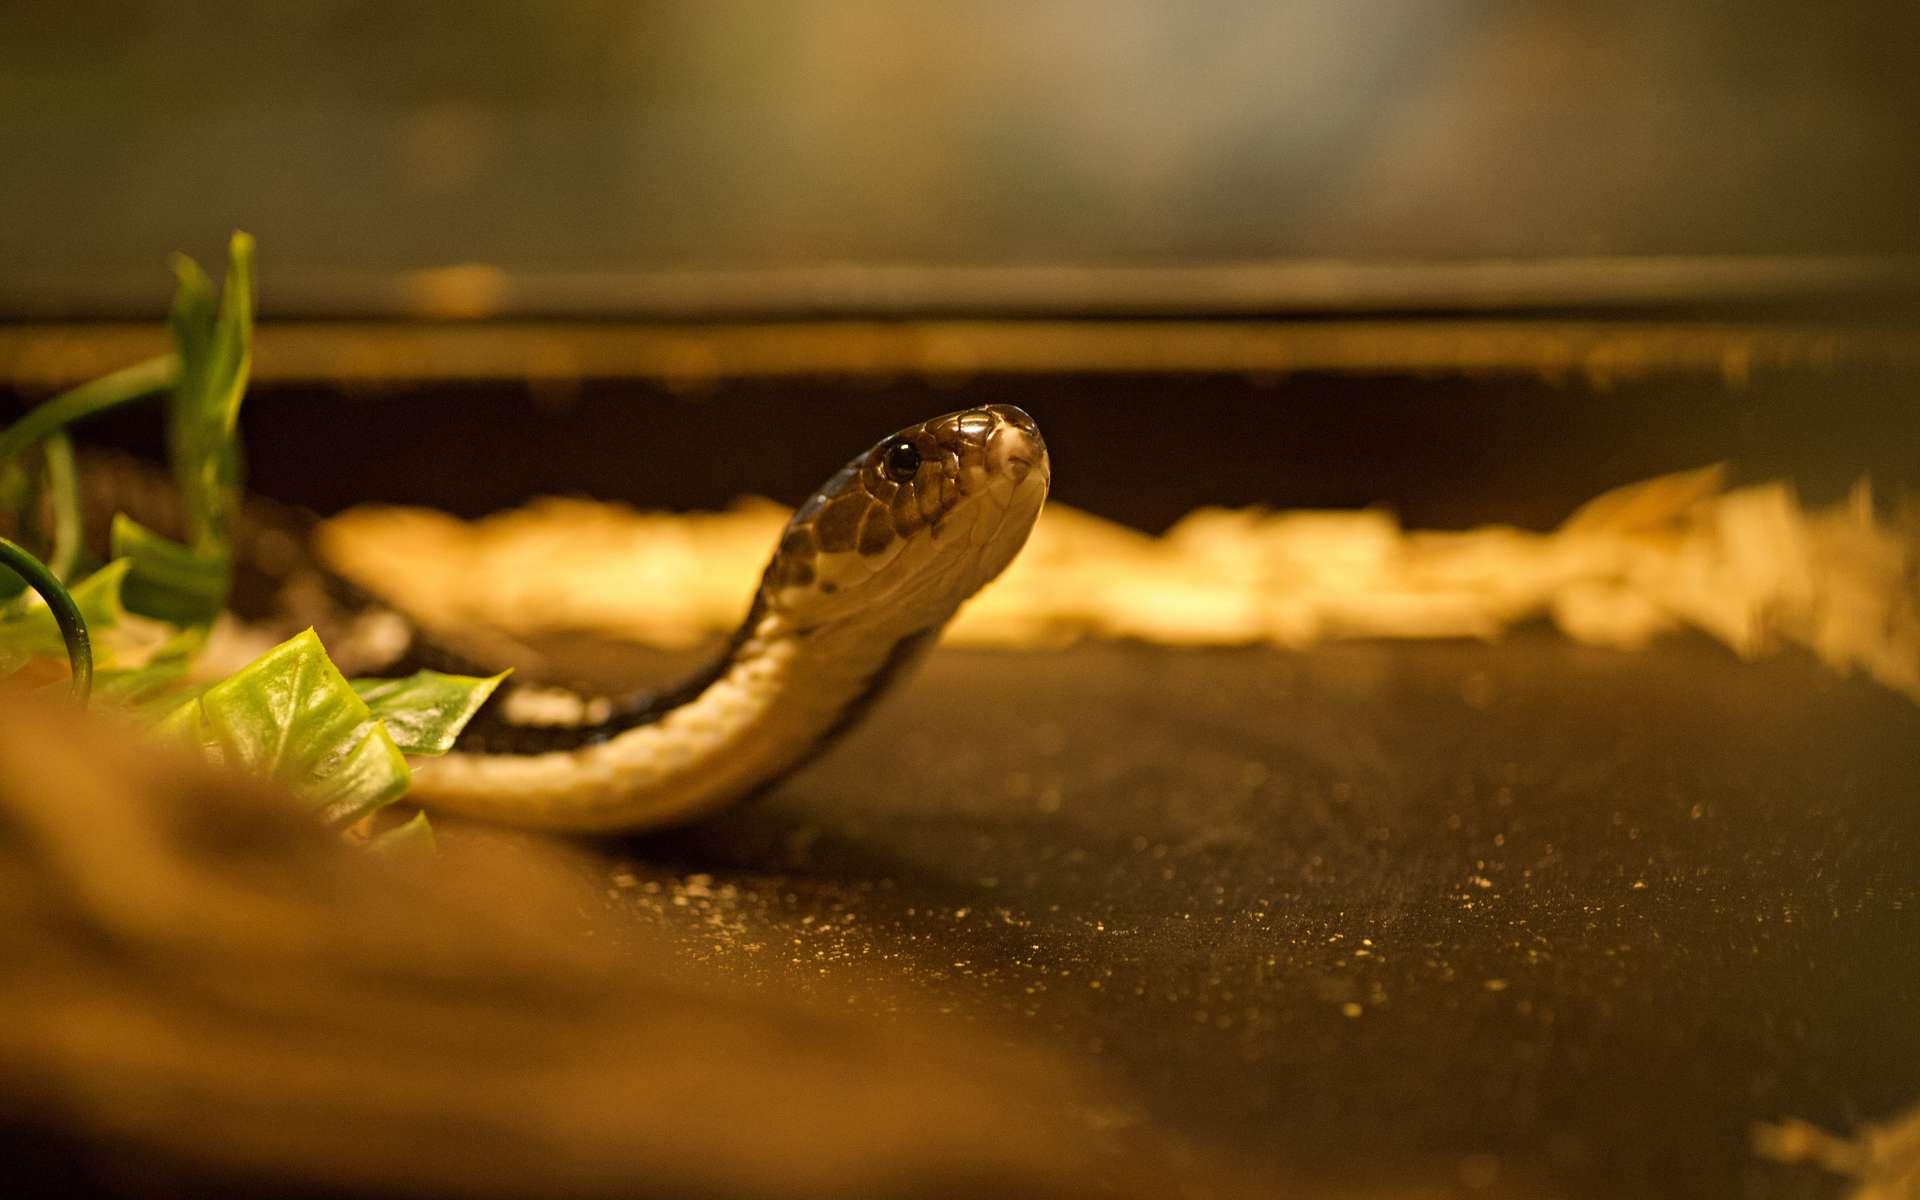 Les serpents venimeux sont des animaux qui ont avant tout peur de l'Homme. Que faire lorsqu'on en rencontre un ? © mathisprod, Adobe Stock